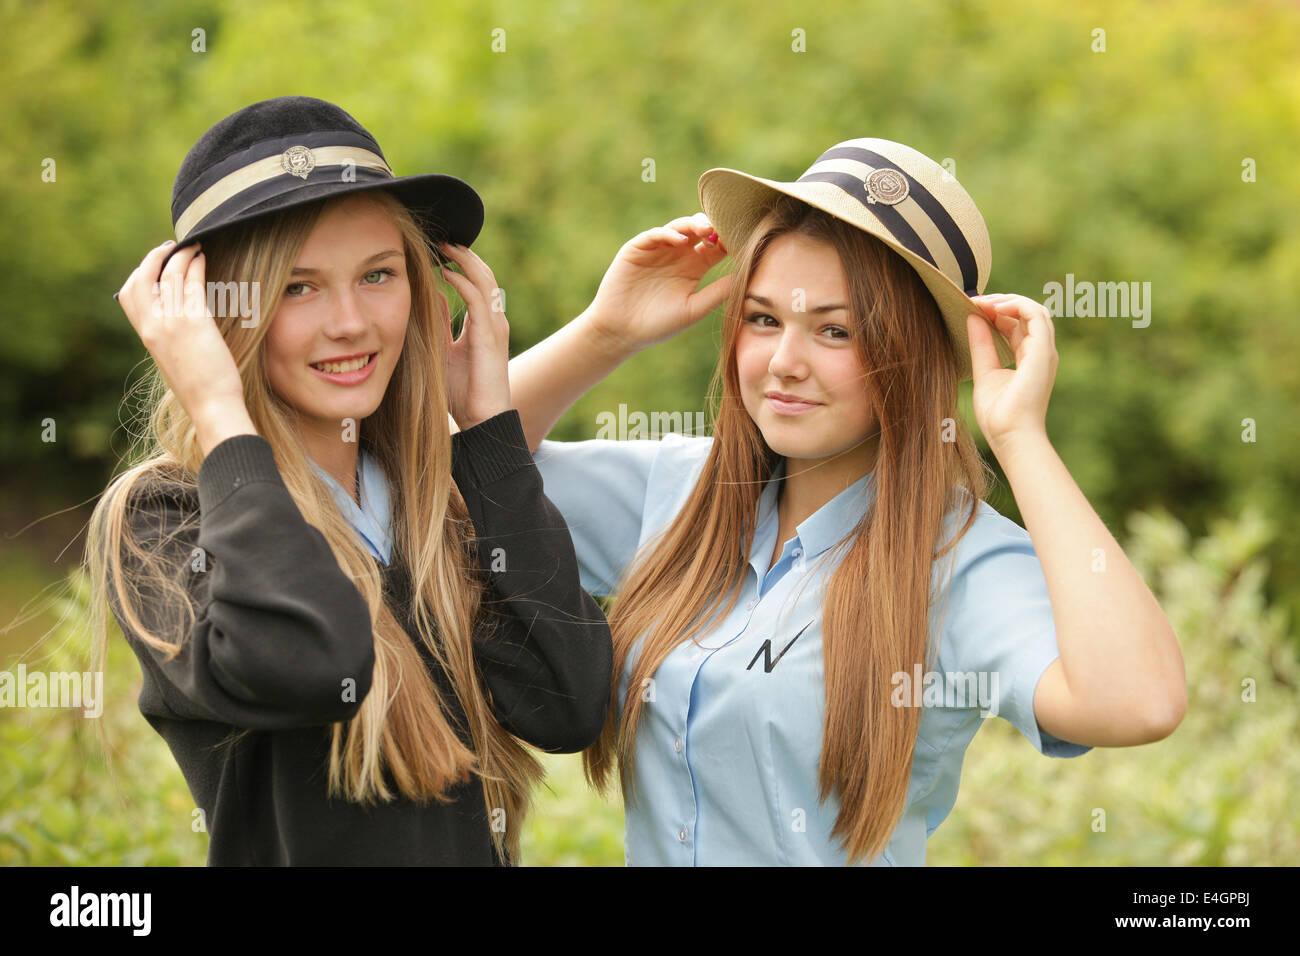 Boobs Nude Swedish Schoolgirls Jpg